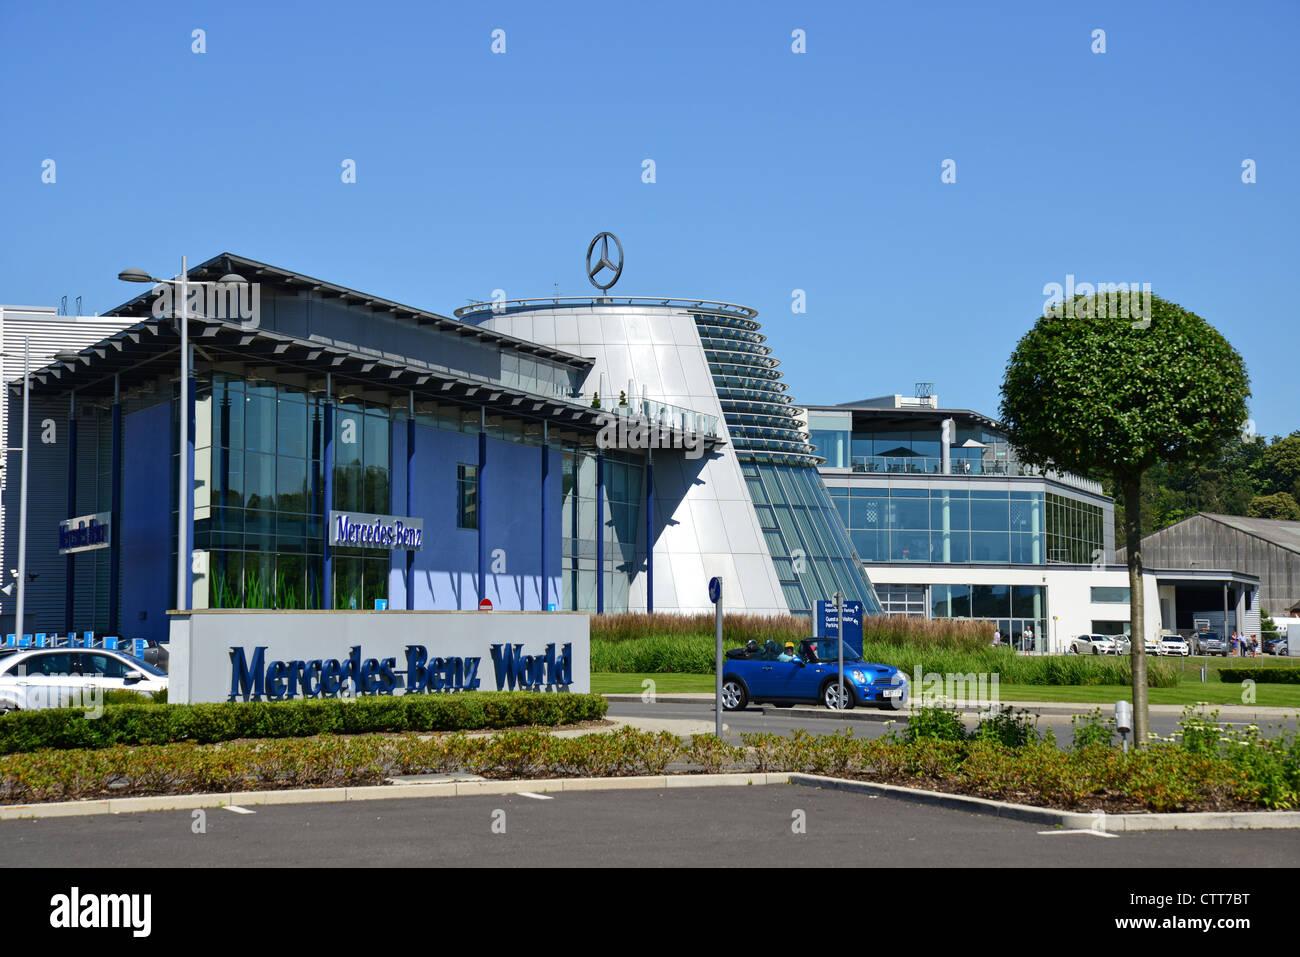 Mercedes benz world building brooklands weybridge for Mercedes benz surrey uk